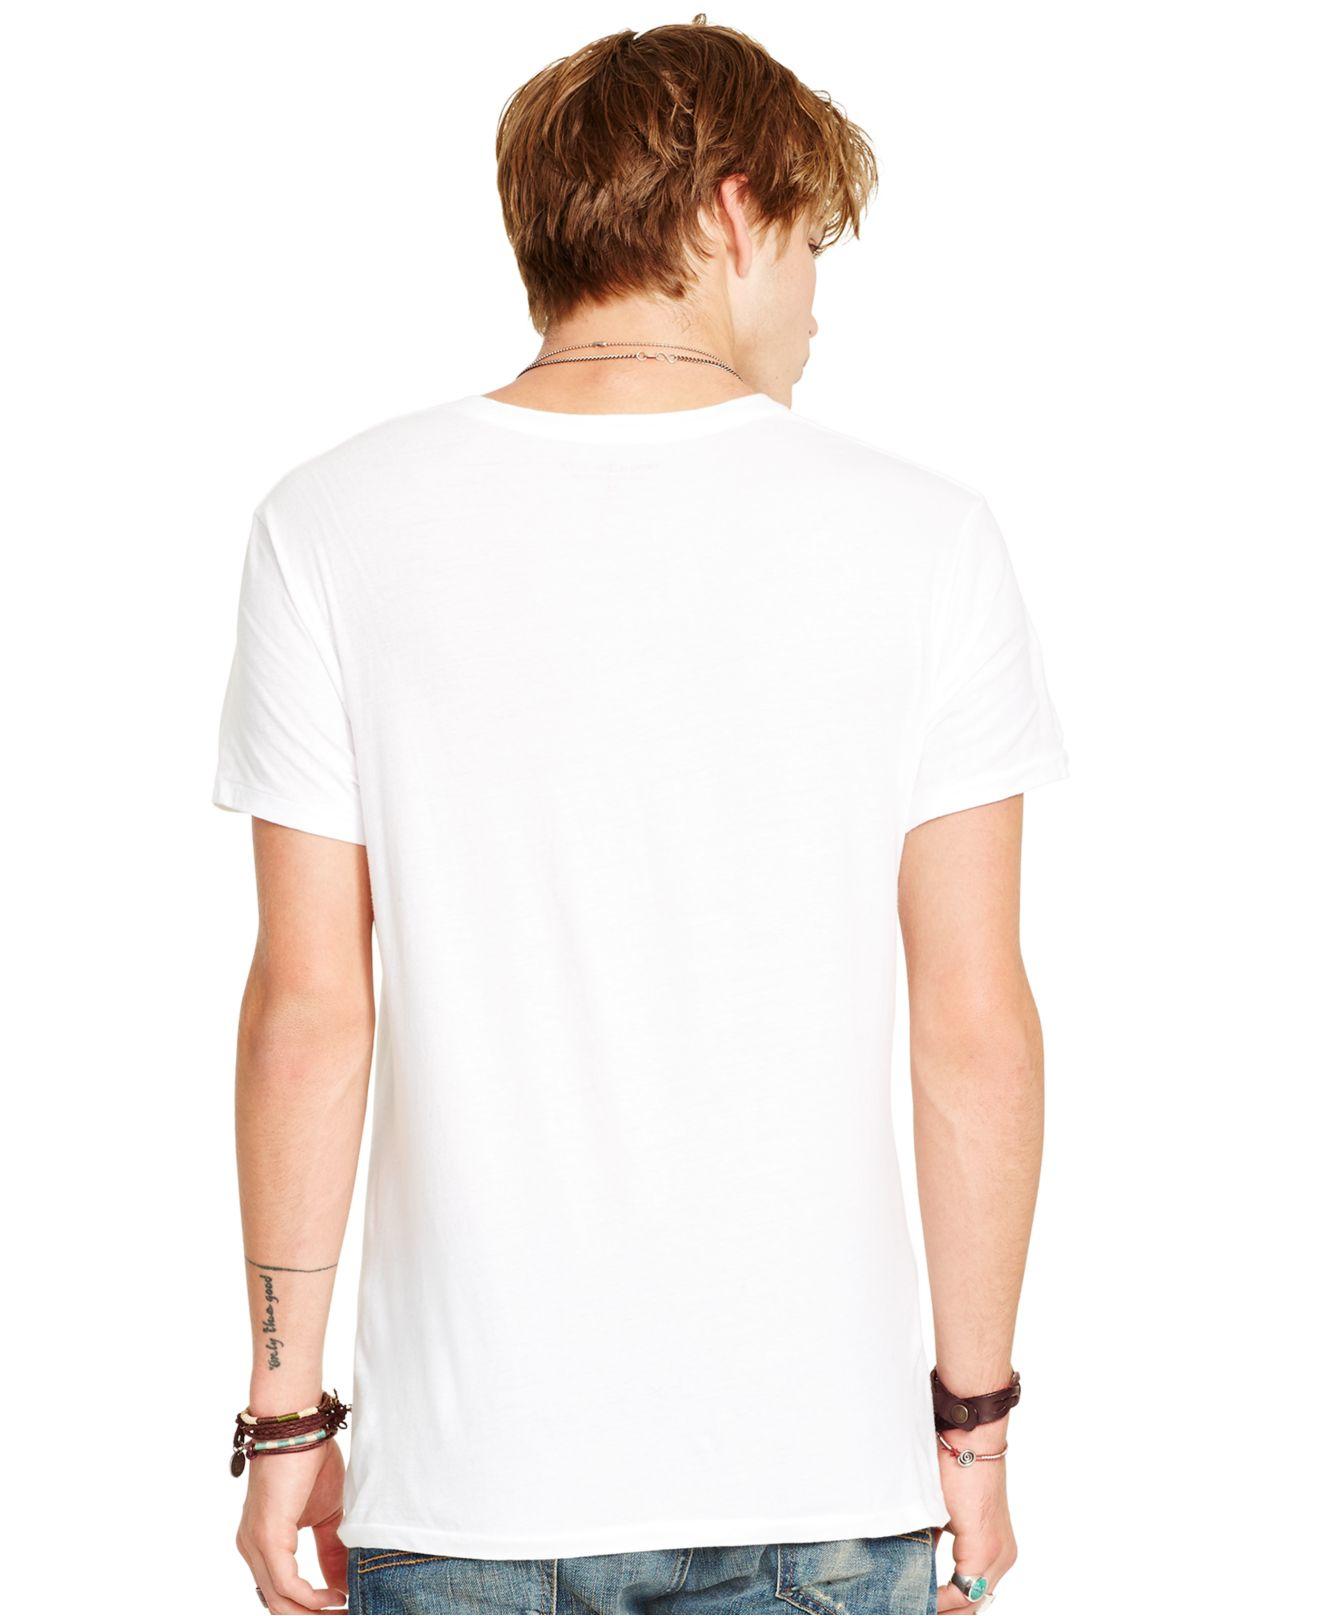 Lyst denim supply ralph lauren jersey v neck t shirt for White t shirt v neck